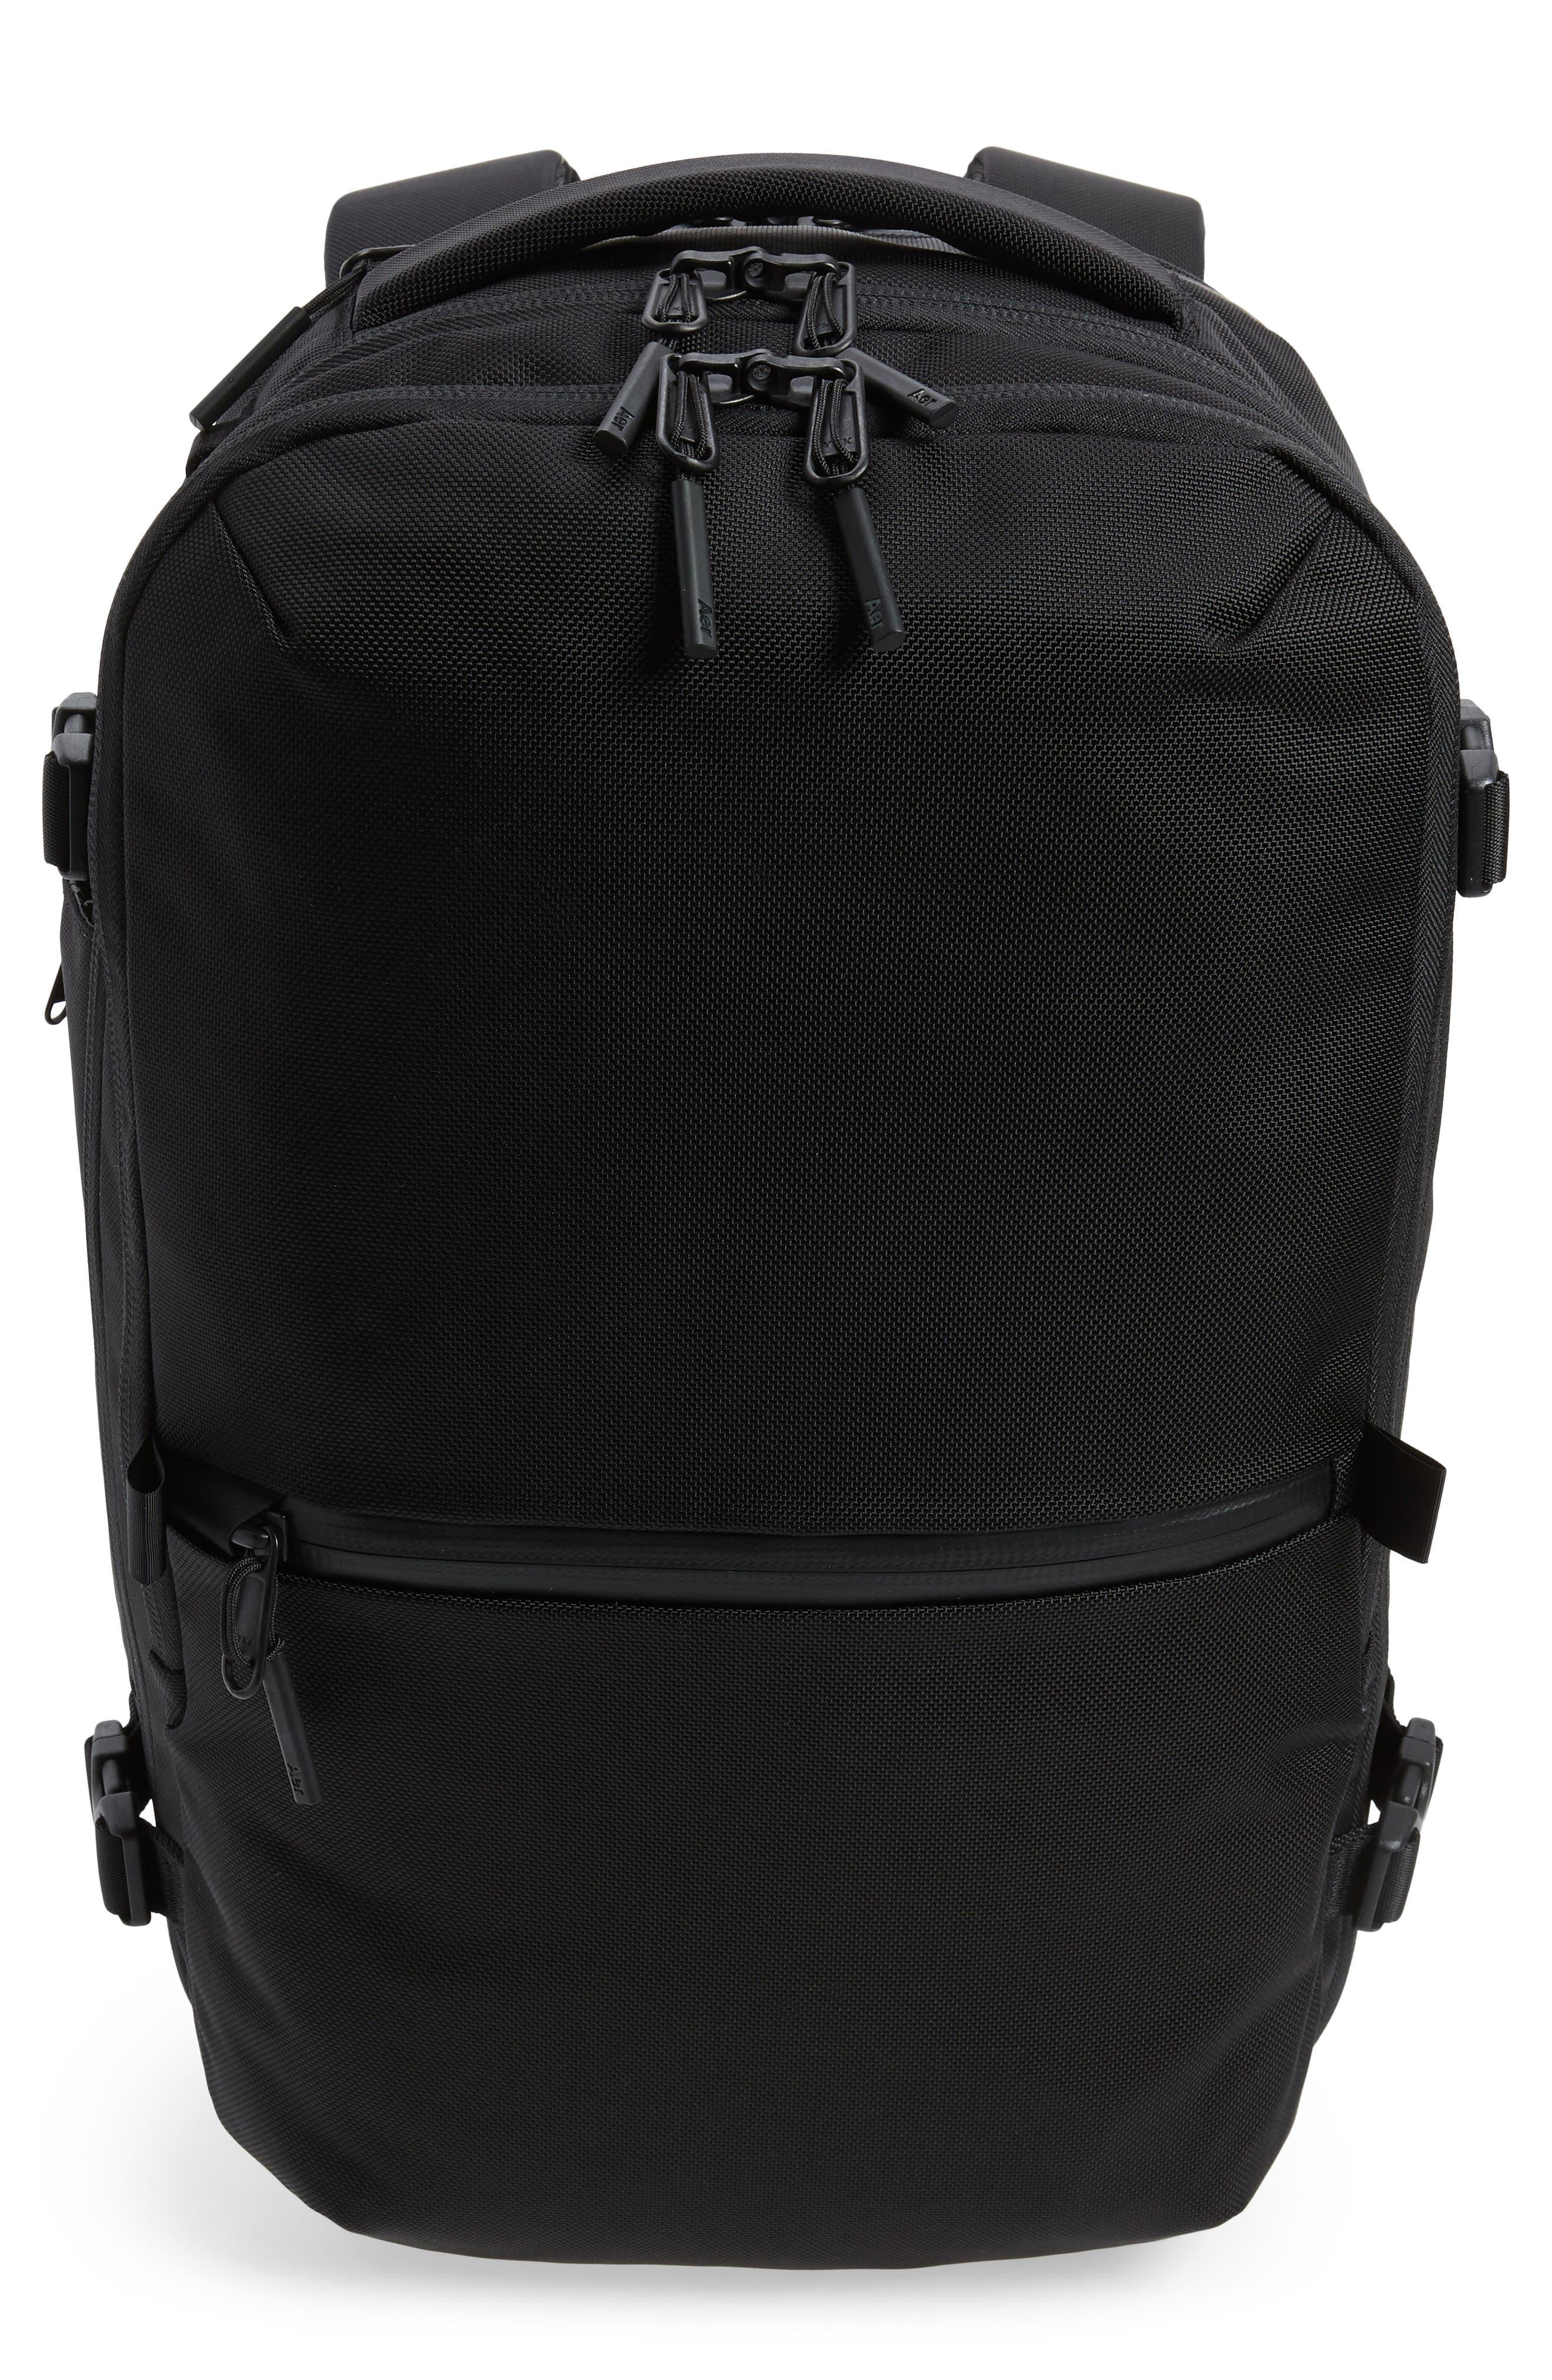 Travel Pack 2 Backpack,                         Main,                         color, BLACK